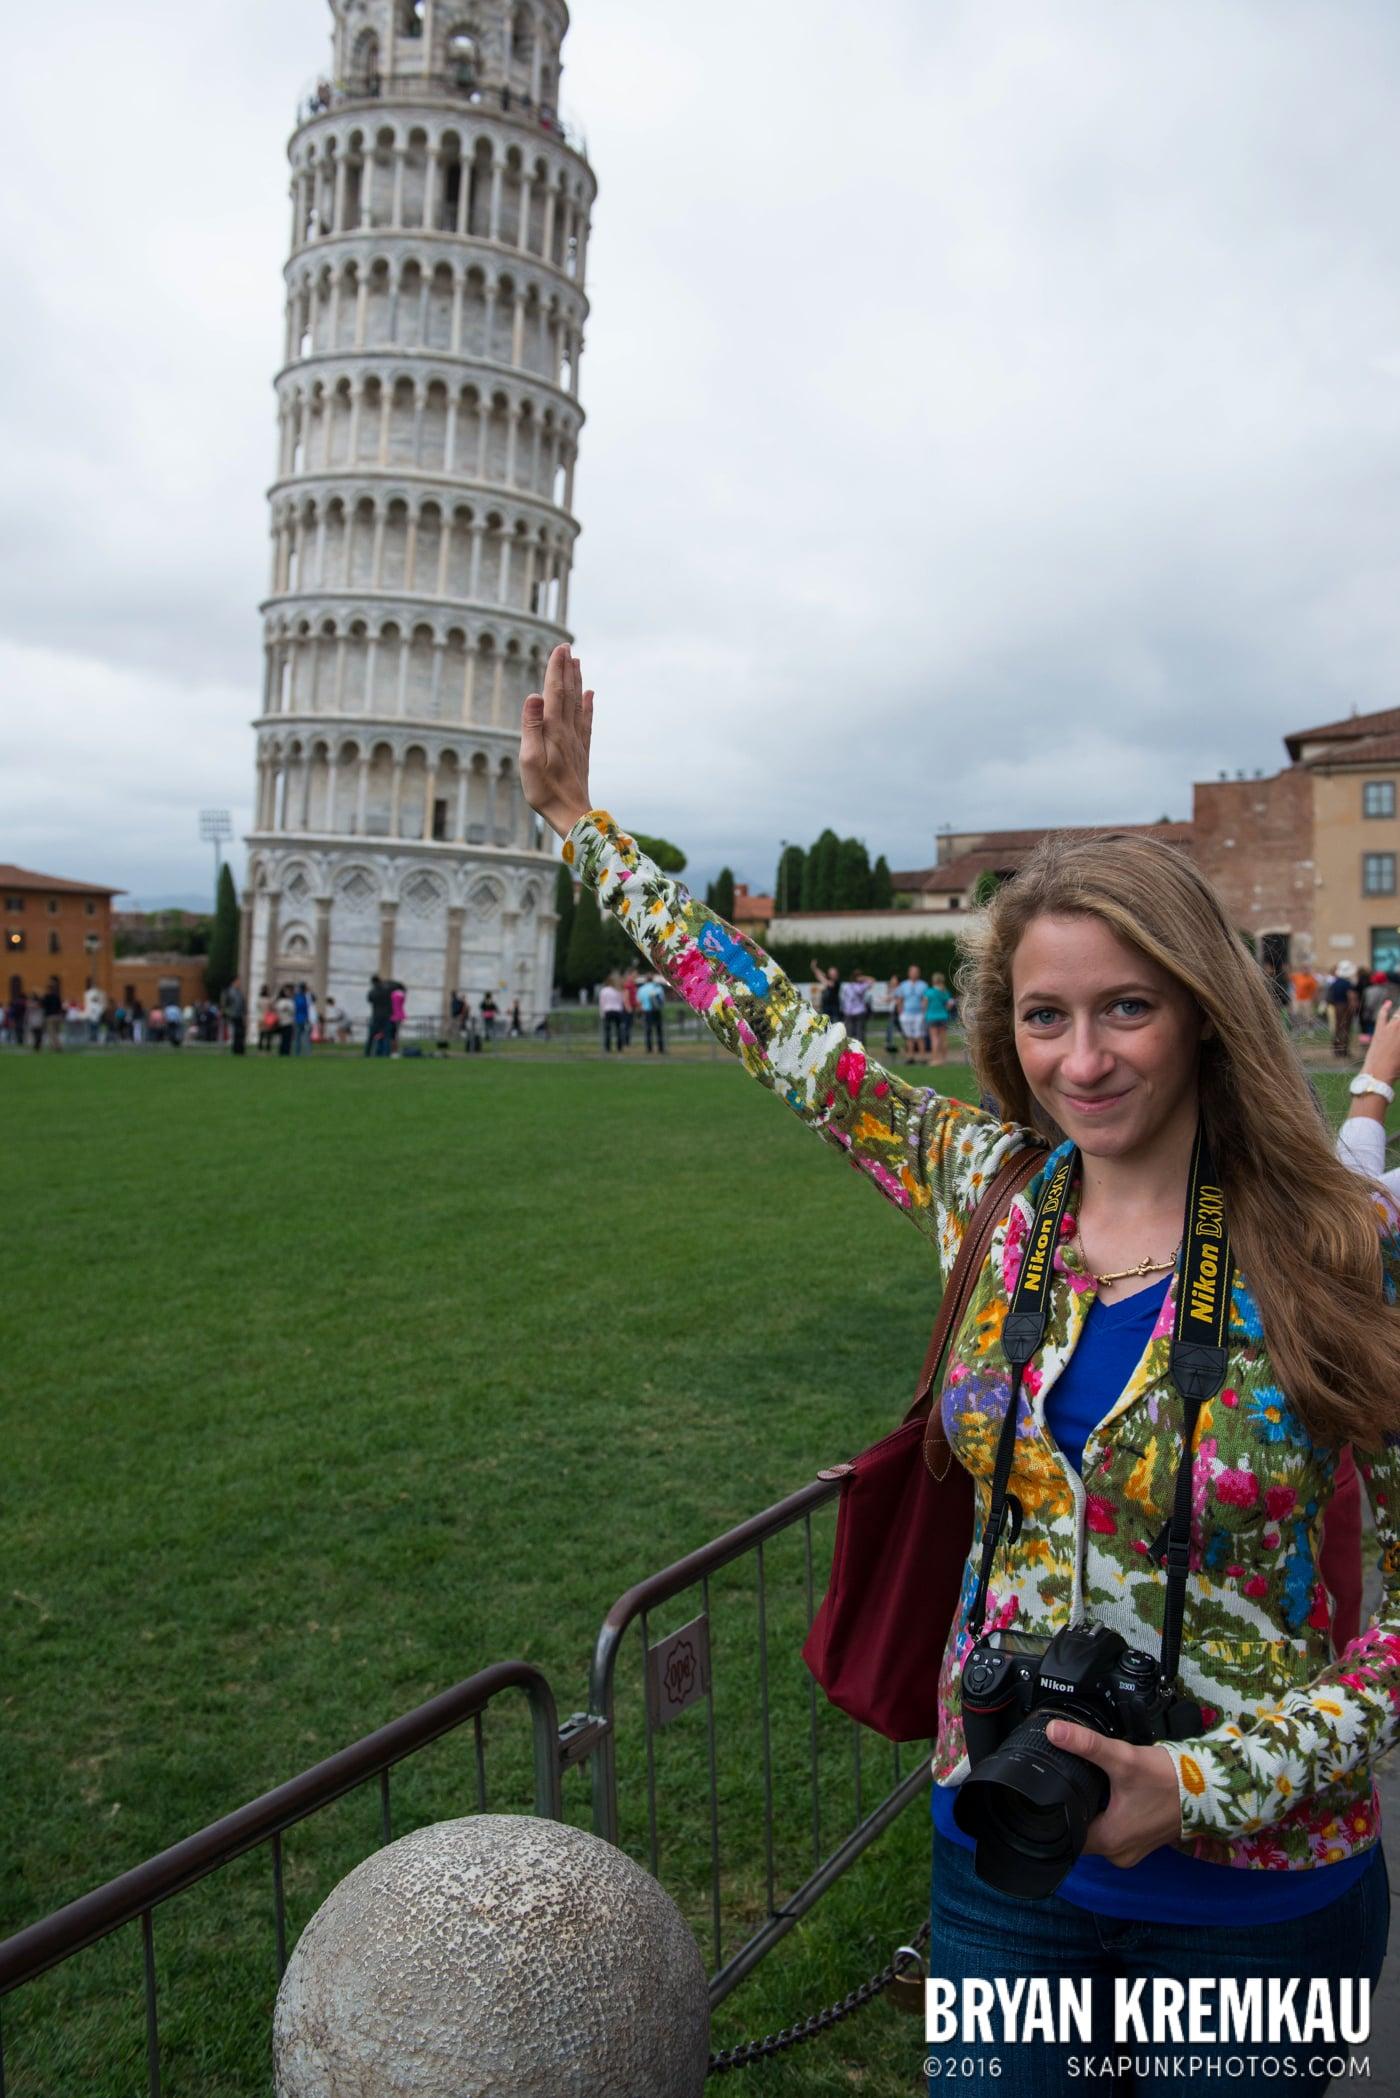 Italy Vacation - Day 8: Siena, San Gimignano, Chianti, Pisa - 9.16.13 (25)